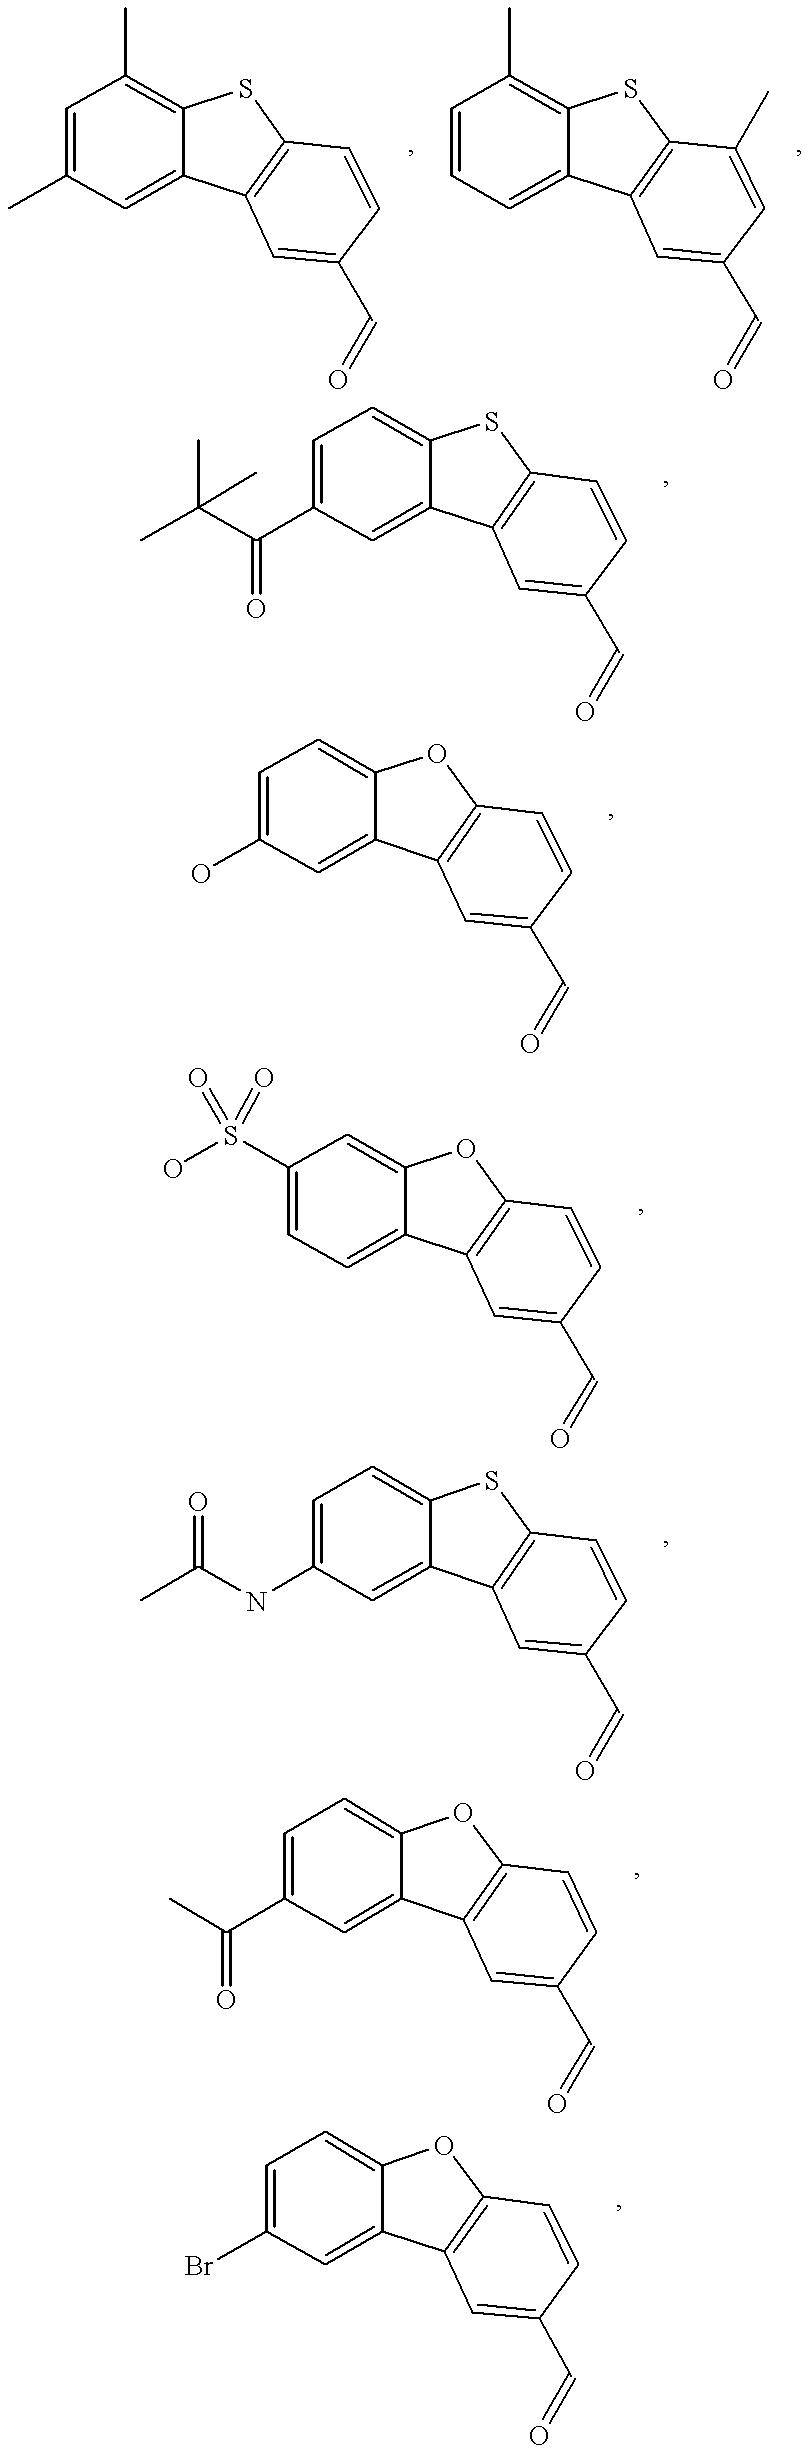 Figure US06514981-20030204-C00062